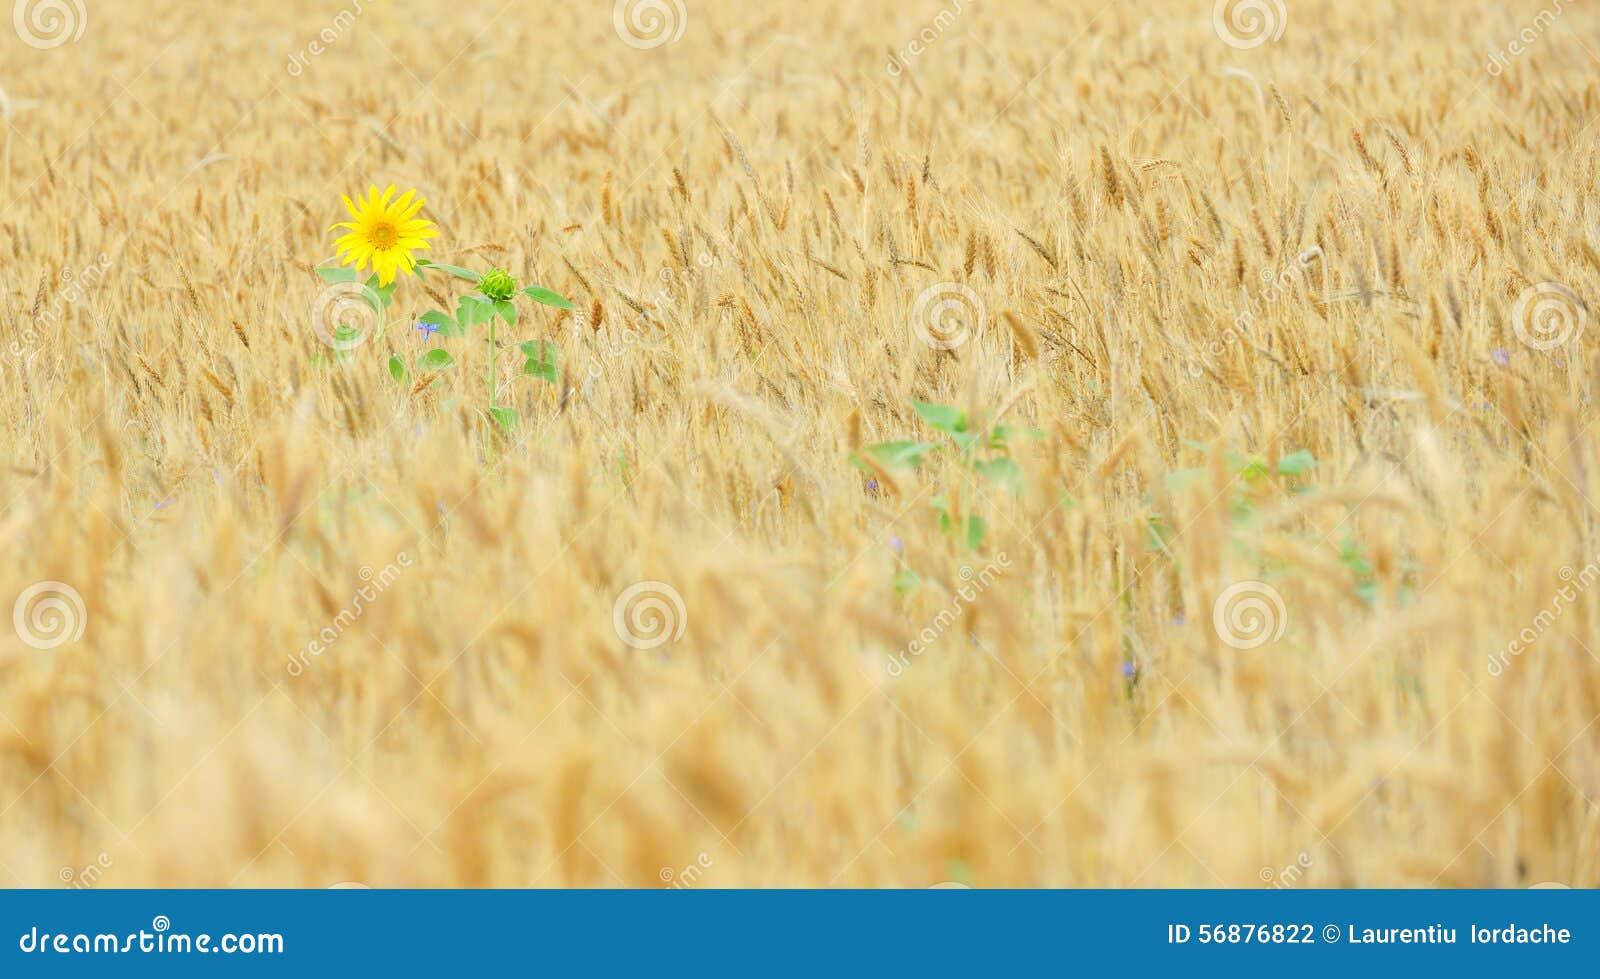 Girasole nel giacimento di cereale